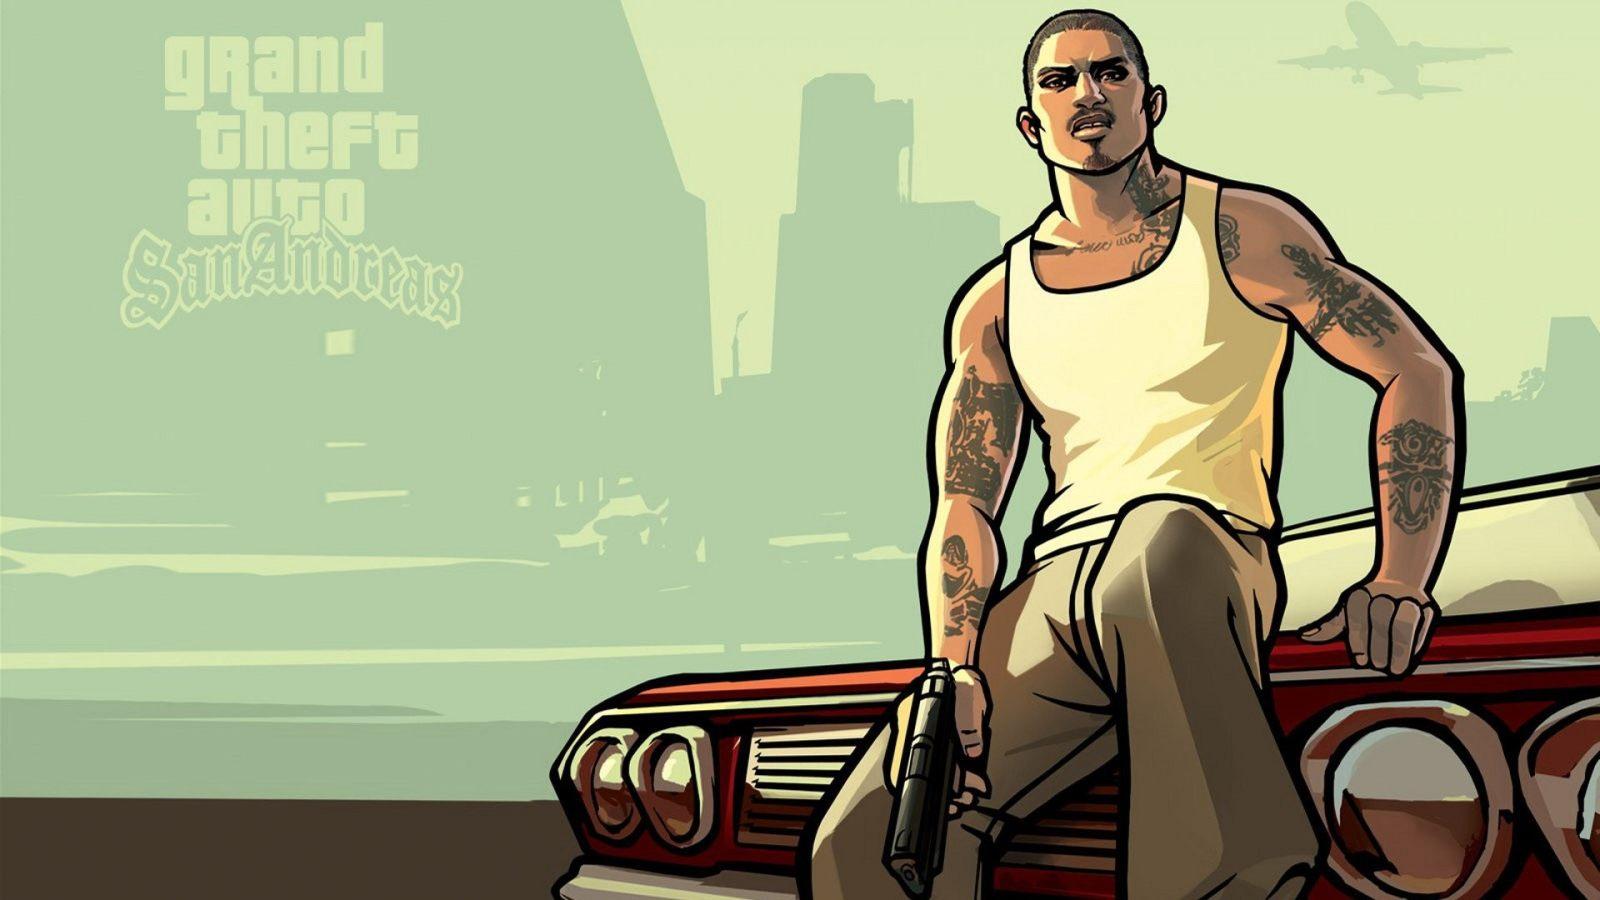 登录就送《GTA:圣安地列斯》,Rockstar推出自家游戏平台